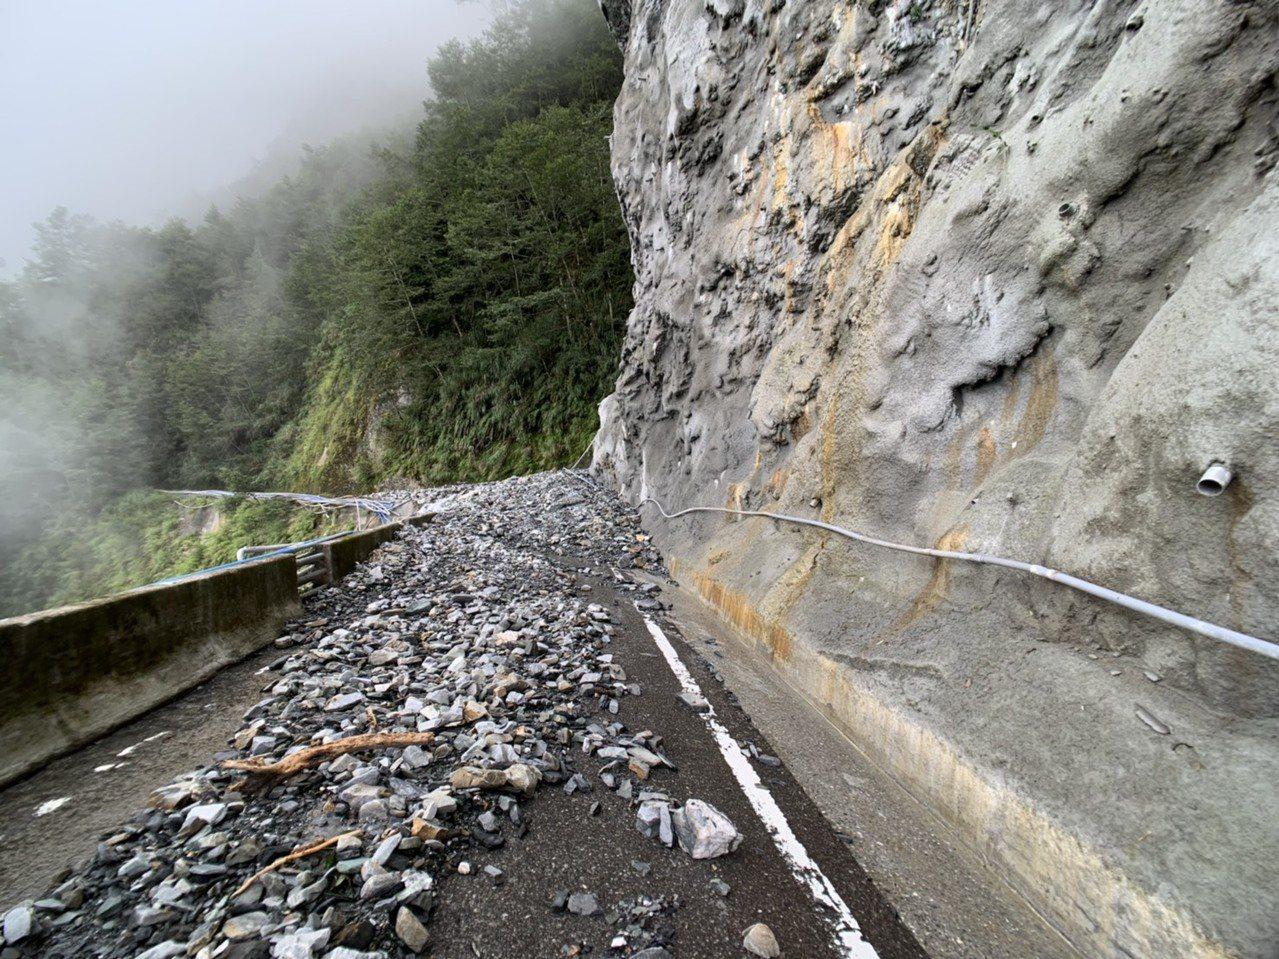 白鹿颱風造成南橫公路東段向陽至利稻,有多處路段邊坡坍方、落石,關山工務段預計今天...